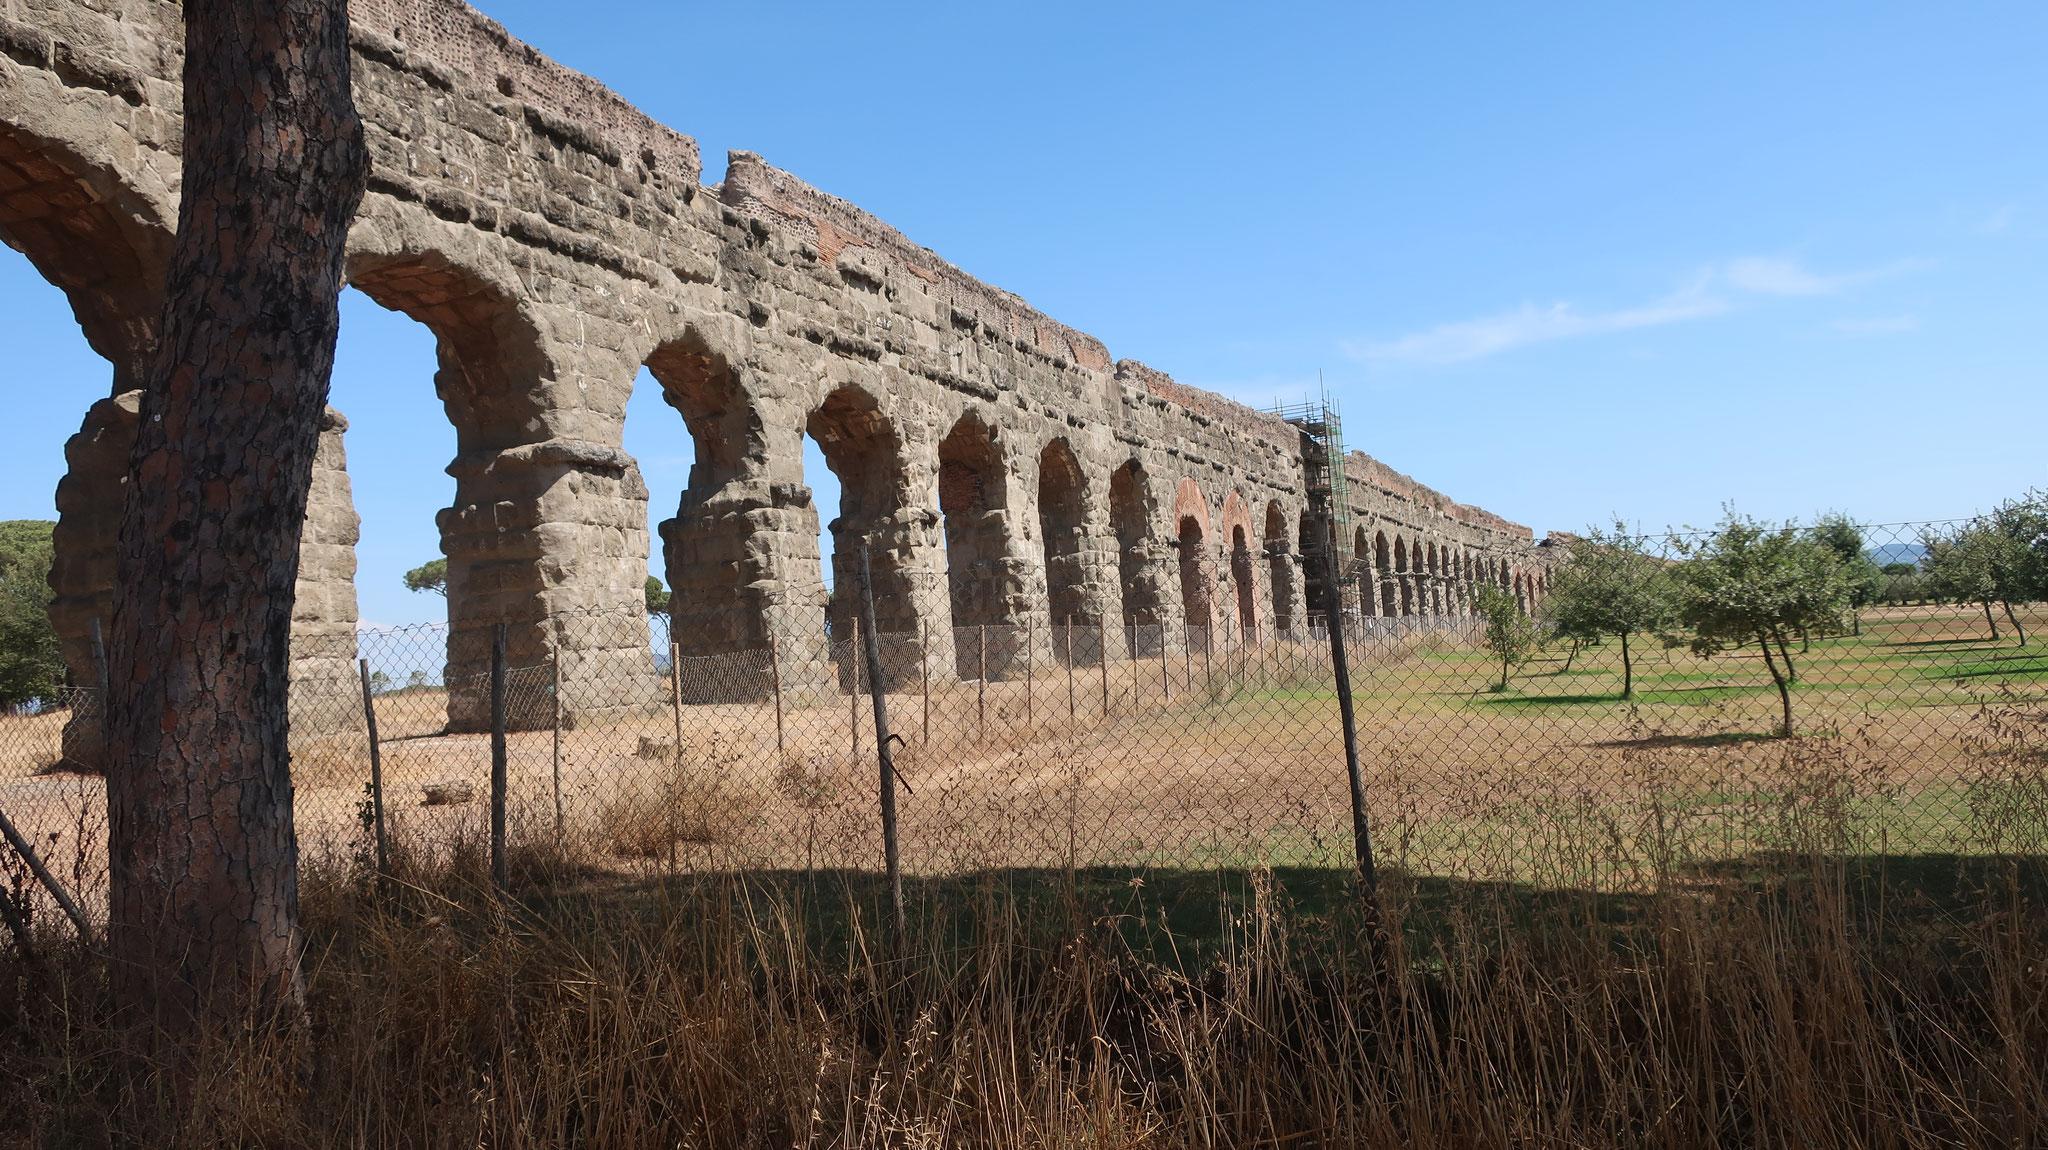 クラウディア水道。最も美しい形で残っている水道橋。今から2000年前の紀元1世紀に建造されました!